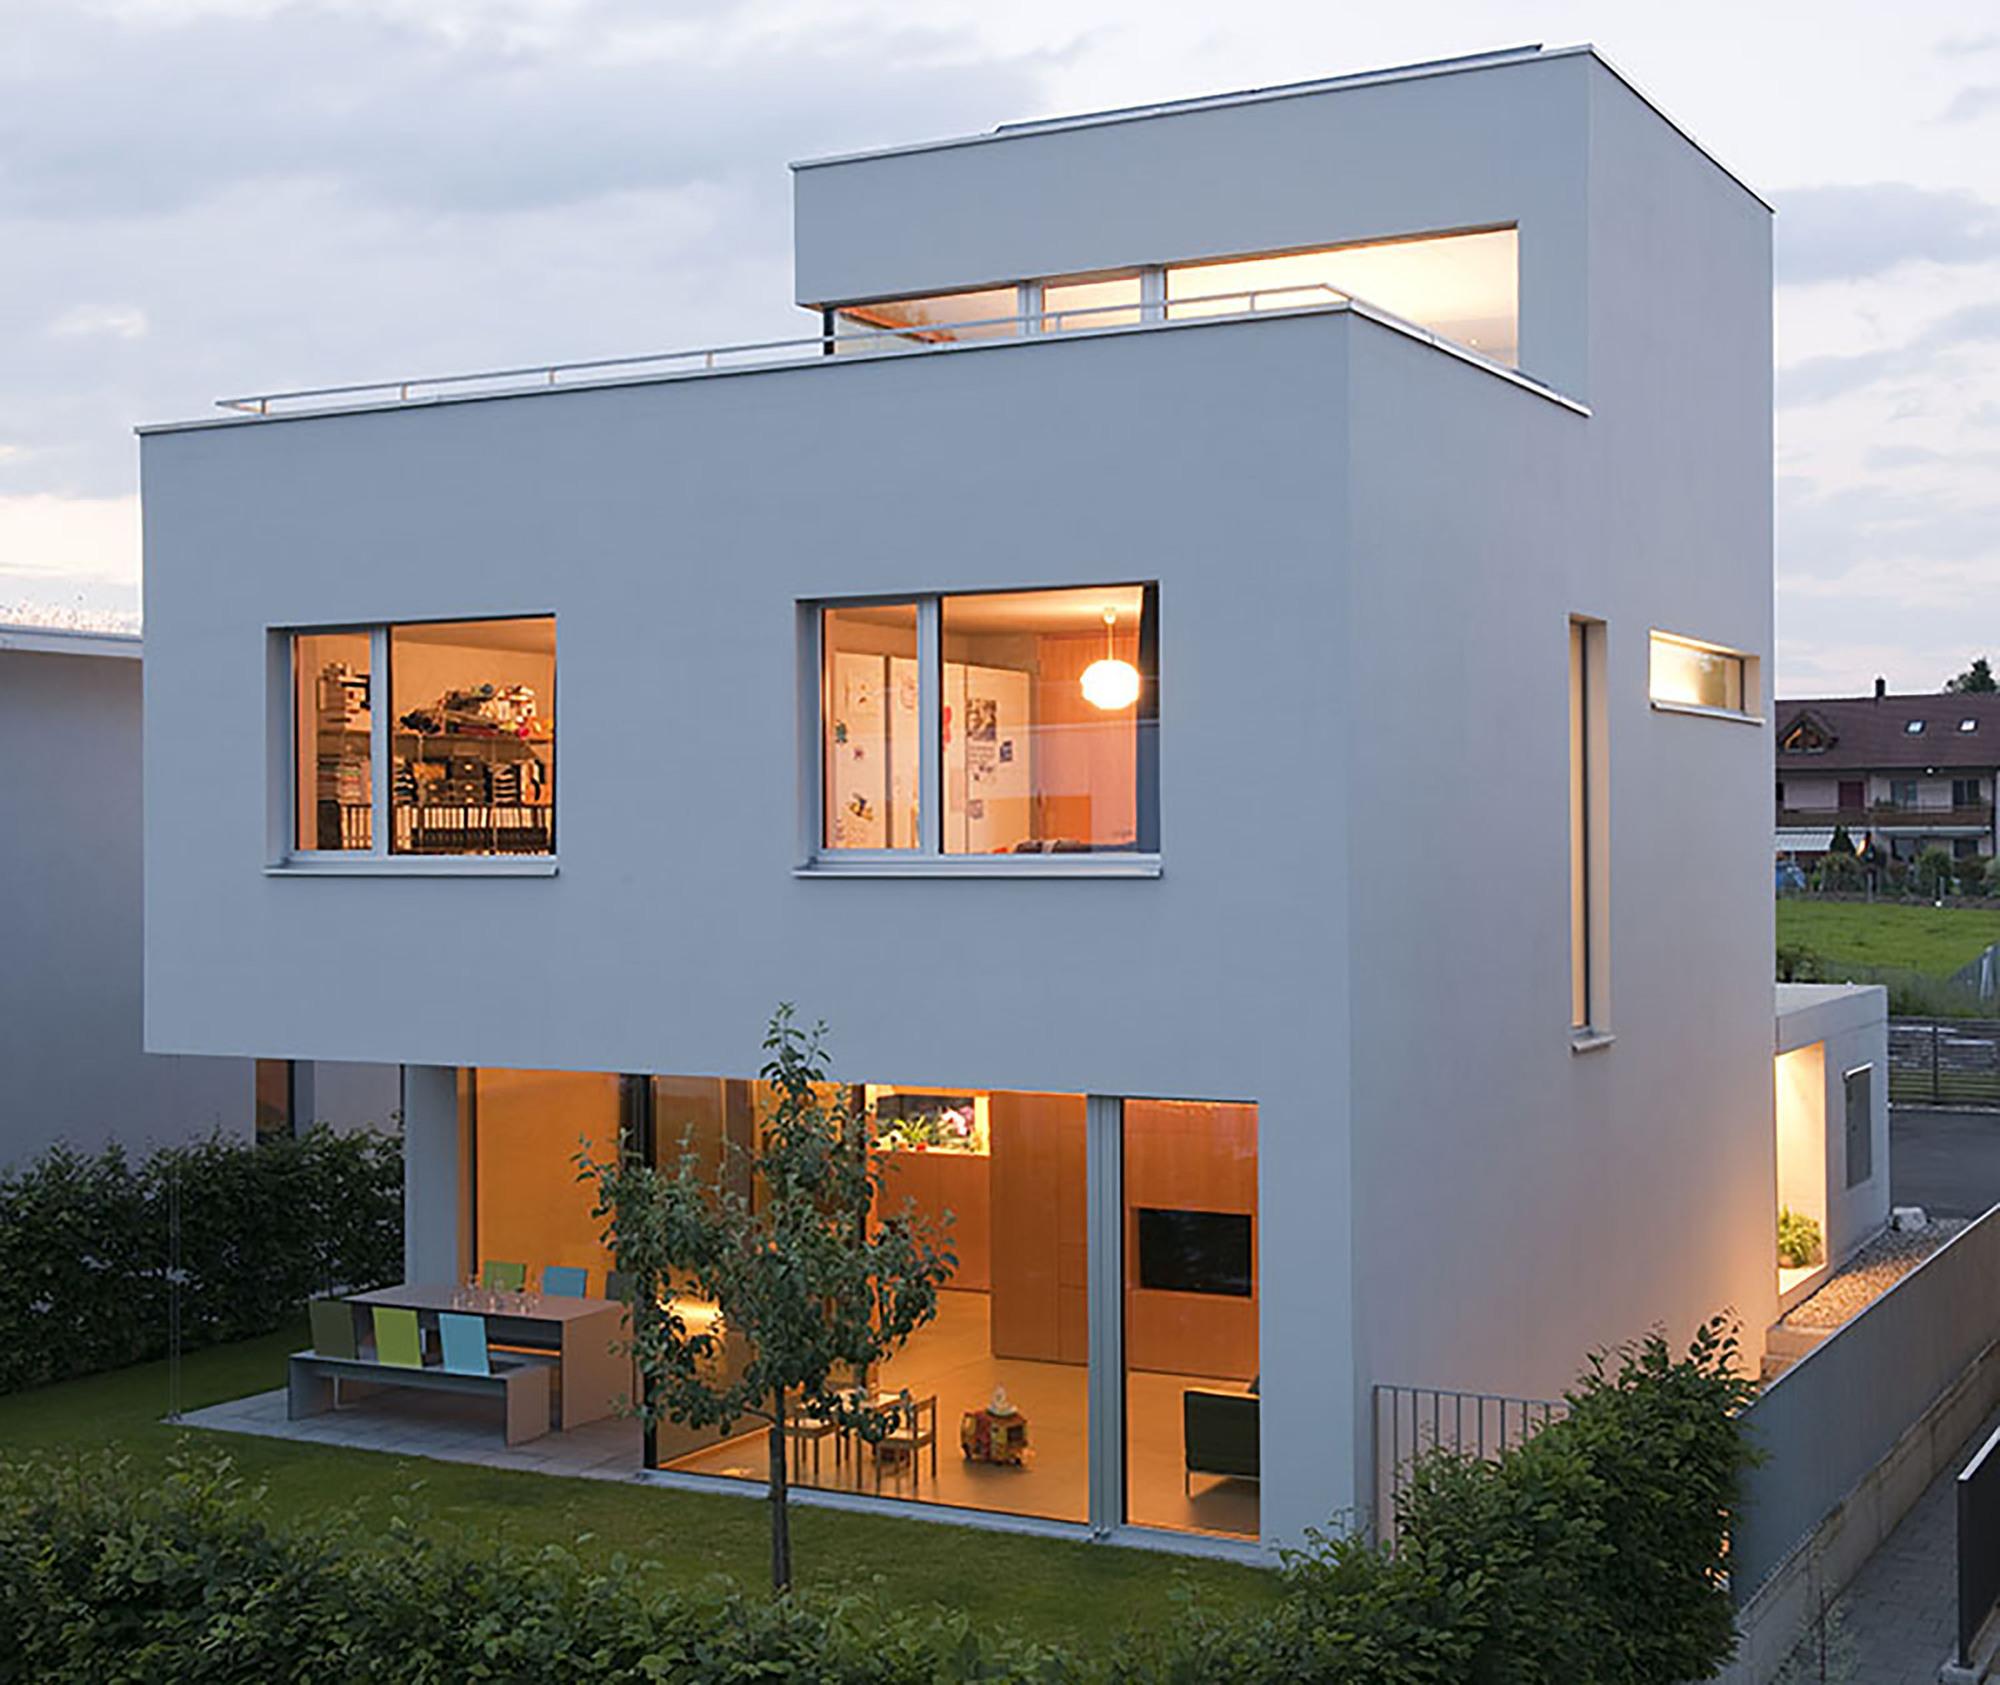 Charmante maison contemporaine urbaine suisse for Maison moderne urbaine